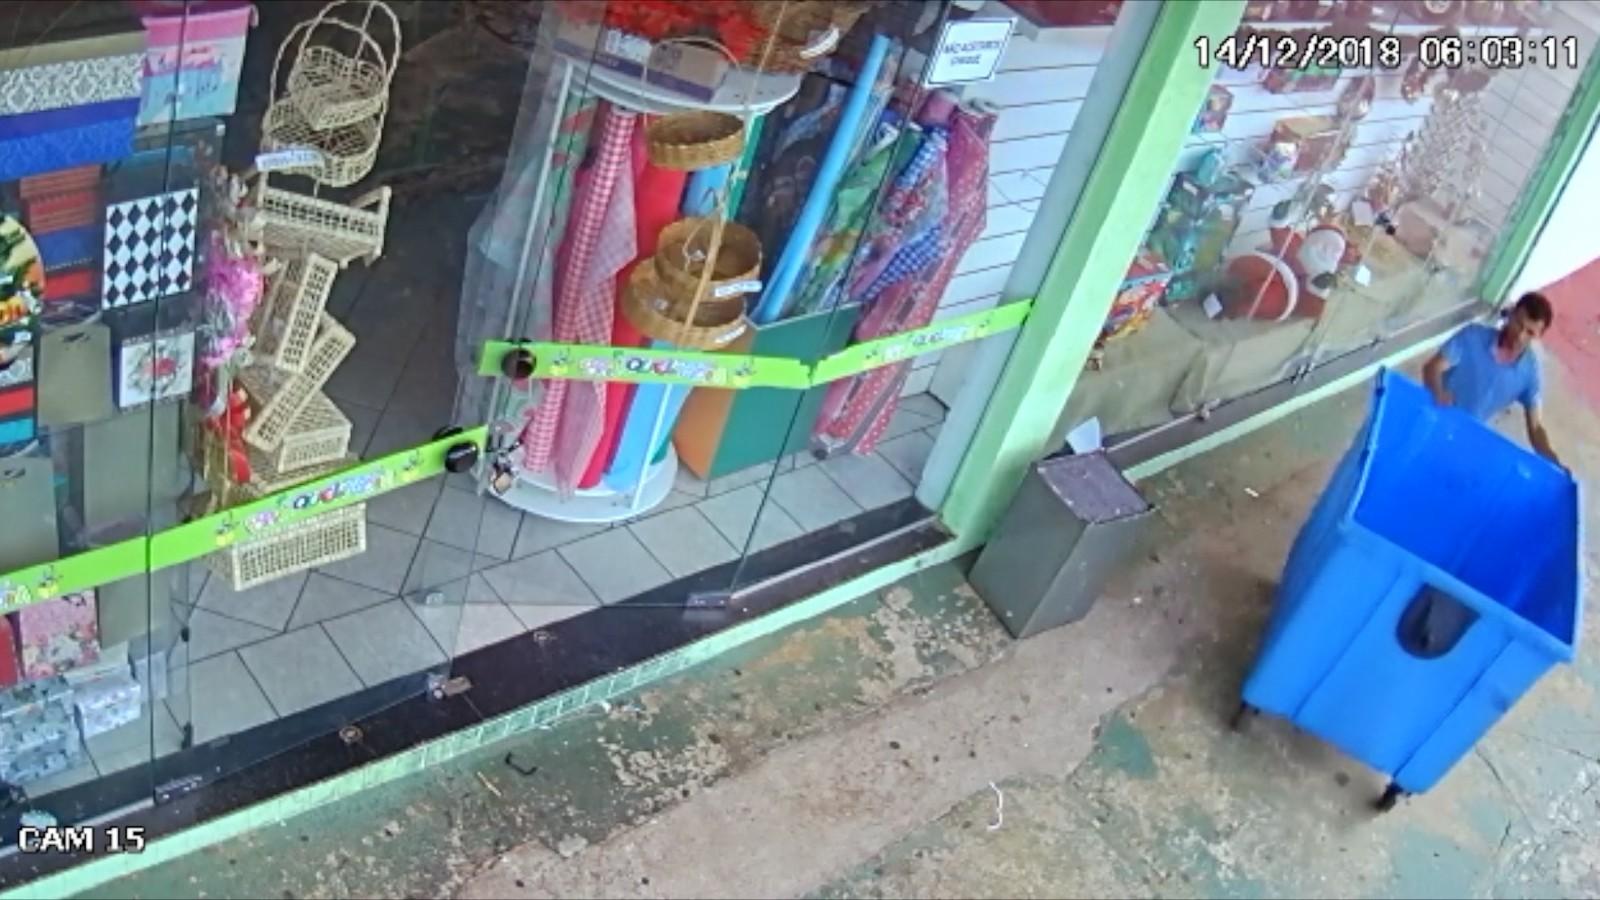 Homem invade loja de brinquedos e foge levando cofre em lixeira